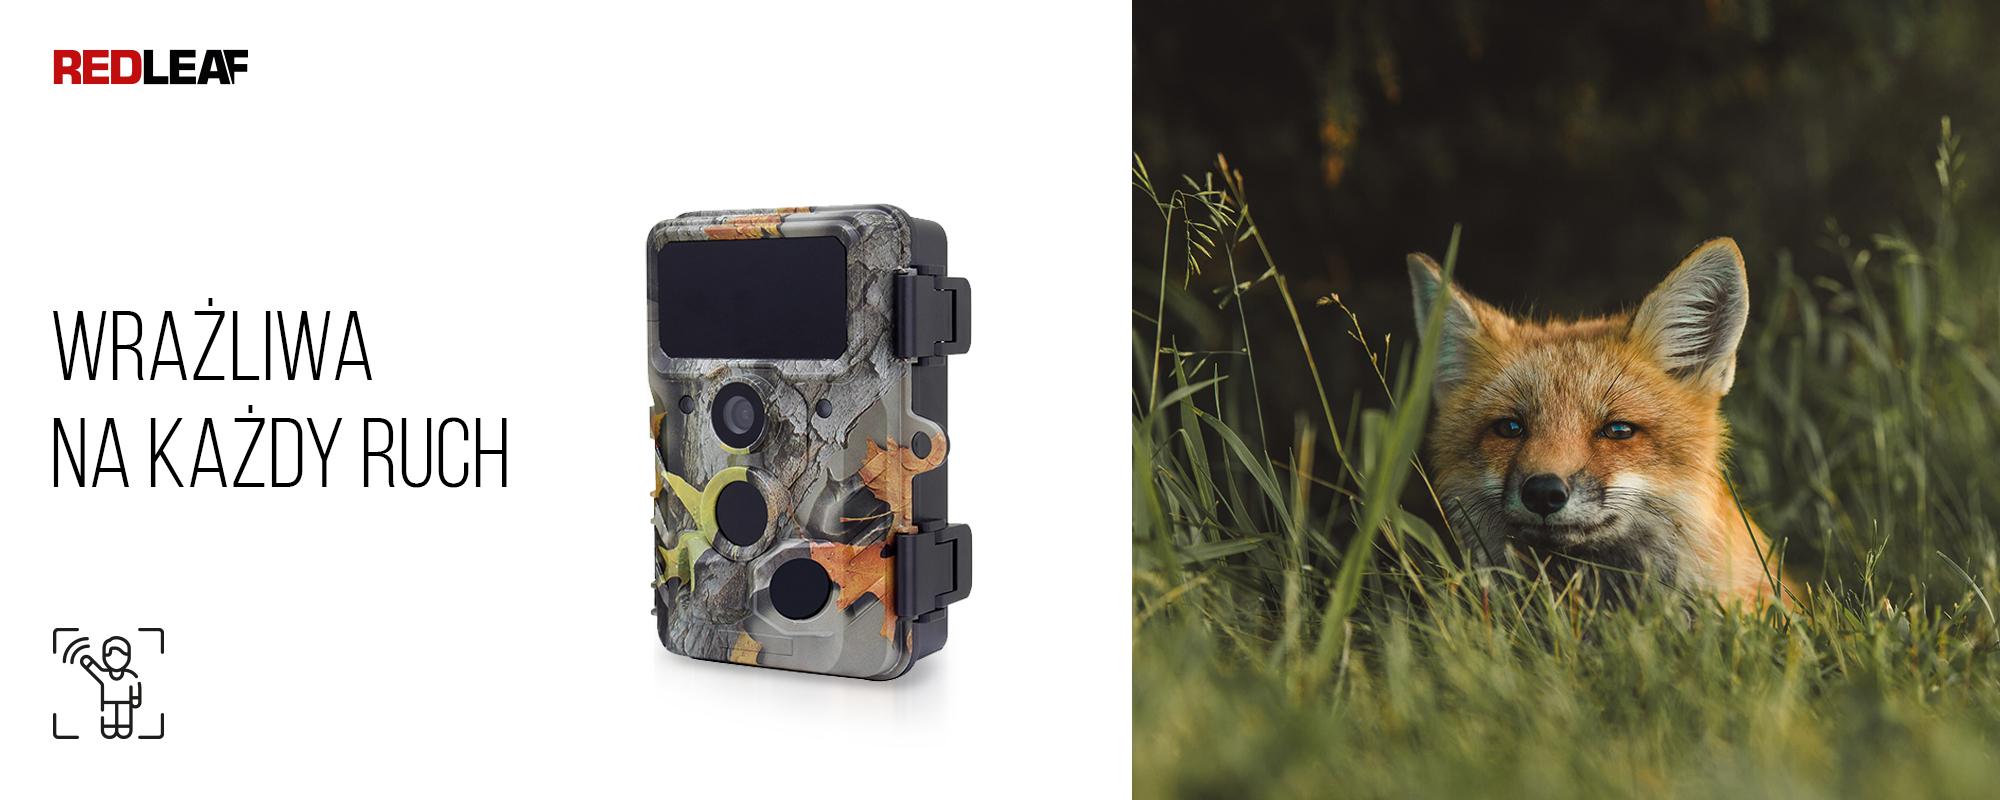 Kamera obserwacyjna Redleaf RD3019 oraz lis w trawie